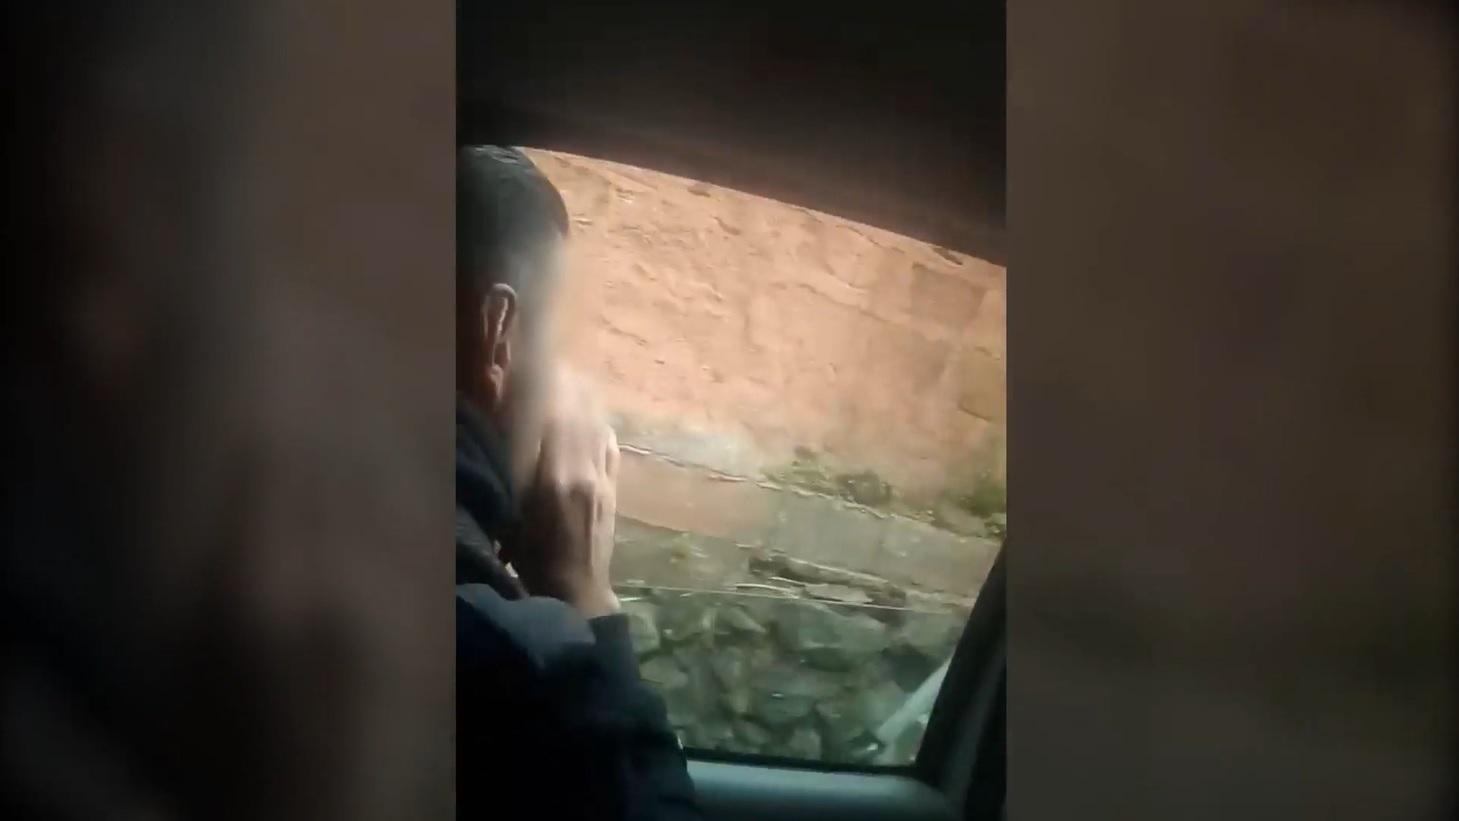 """""""¡Estamos infectados!""""; unos jóvenes de Tenerife insultan desde un coche a sus vecinos durante el estado de alarma"""